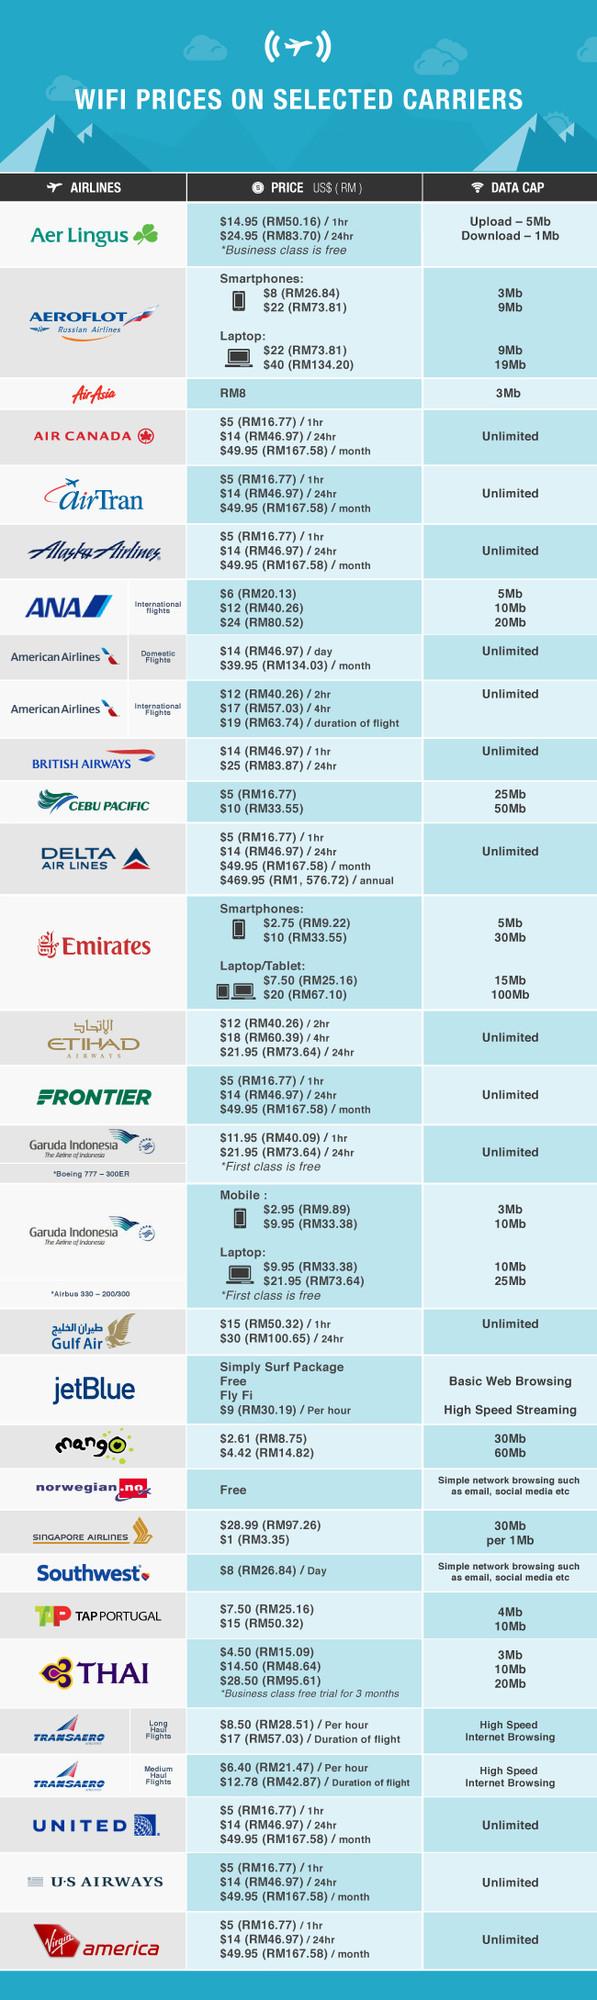 聊聊飞机上wifi的那些事儿(组图)